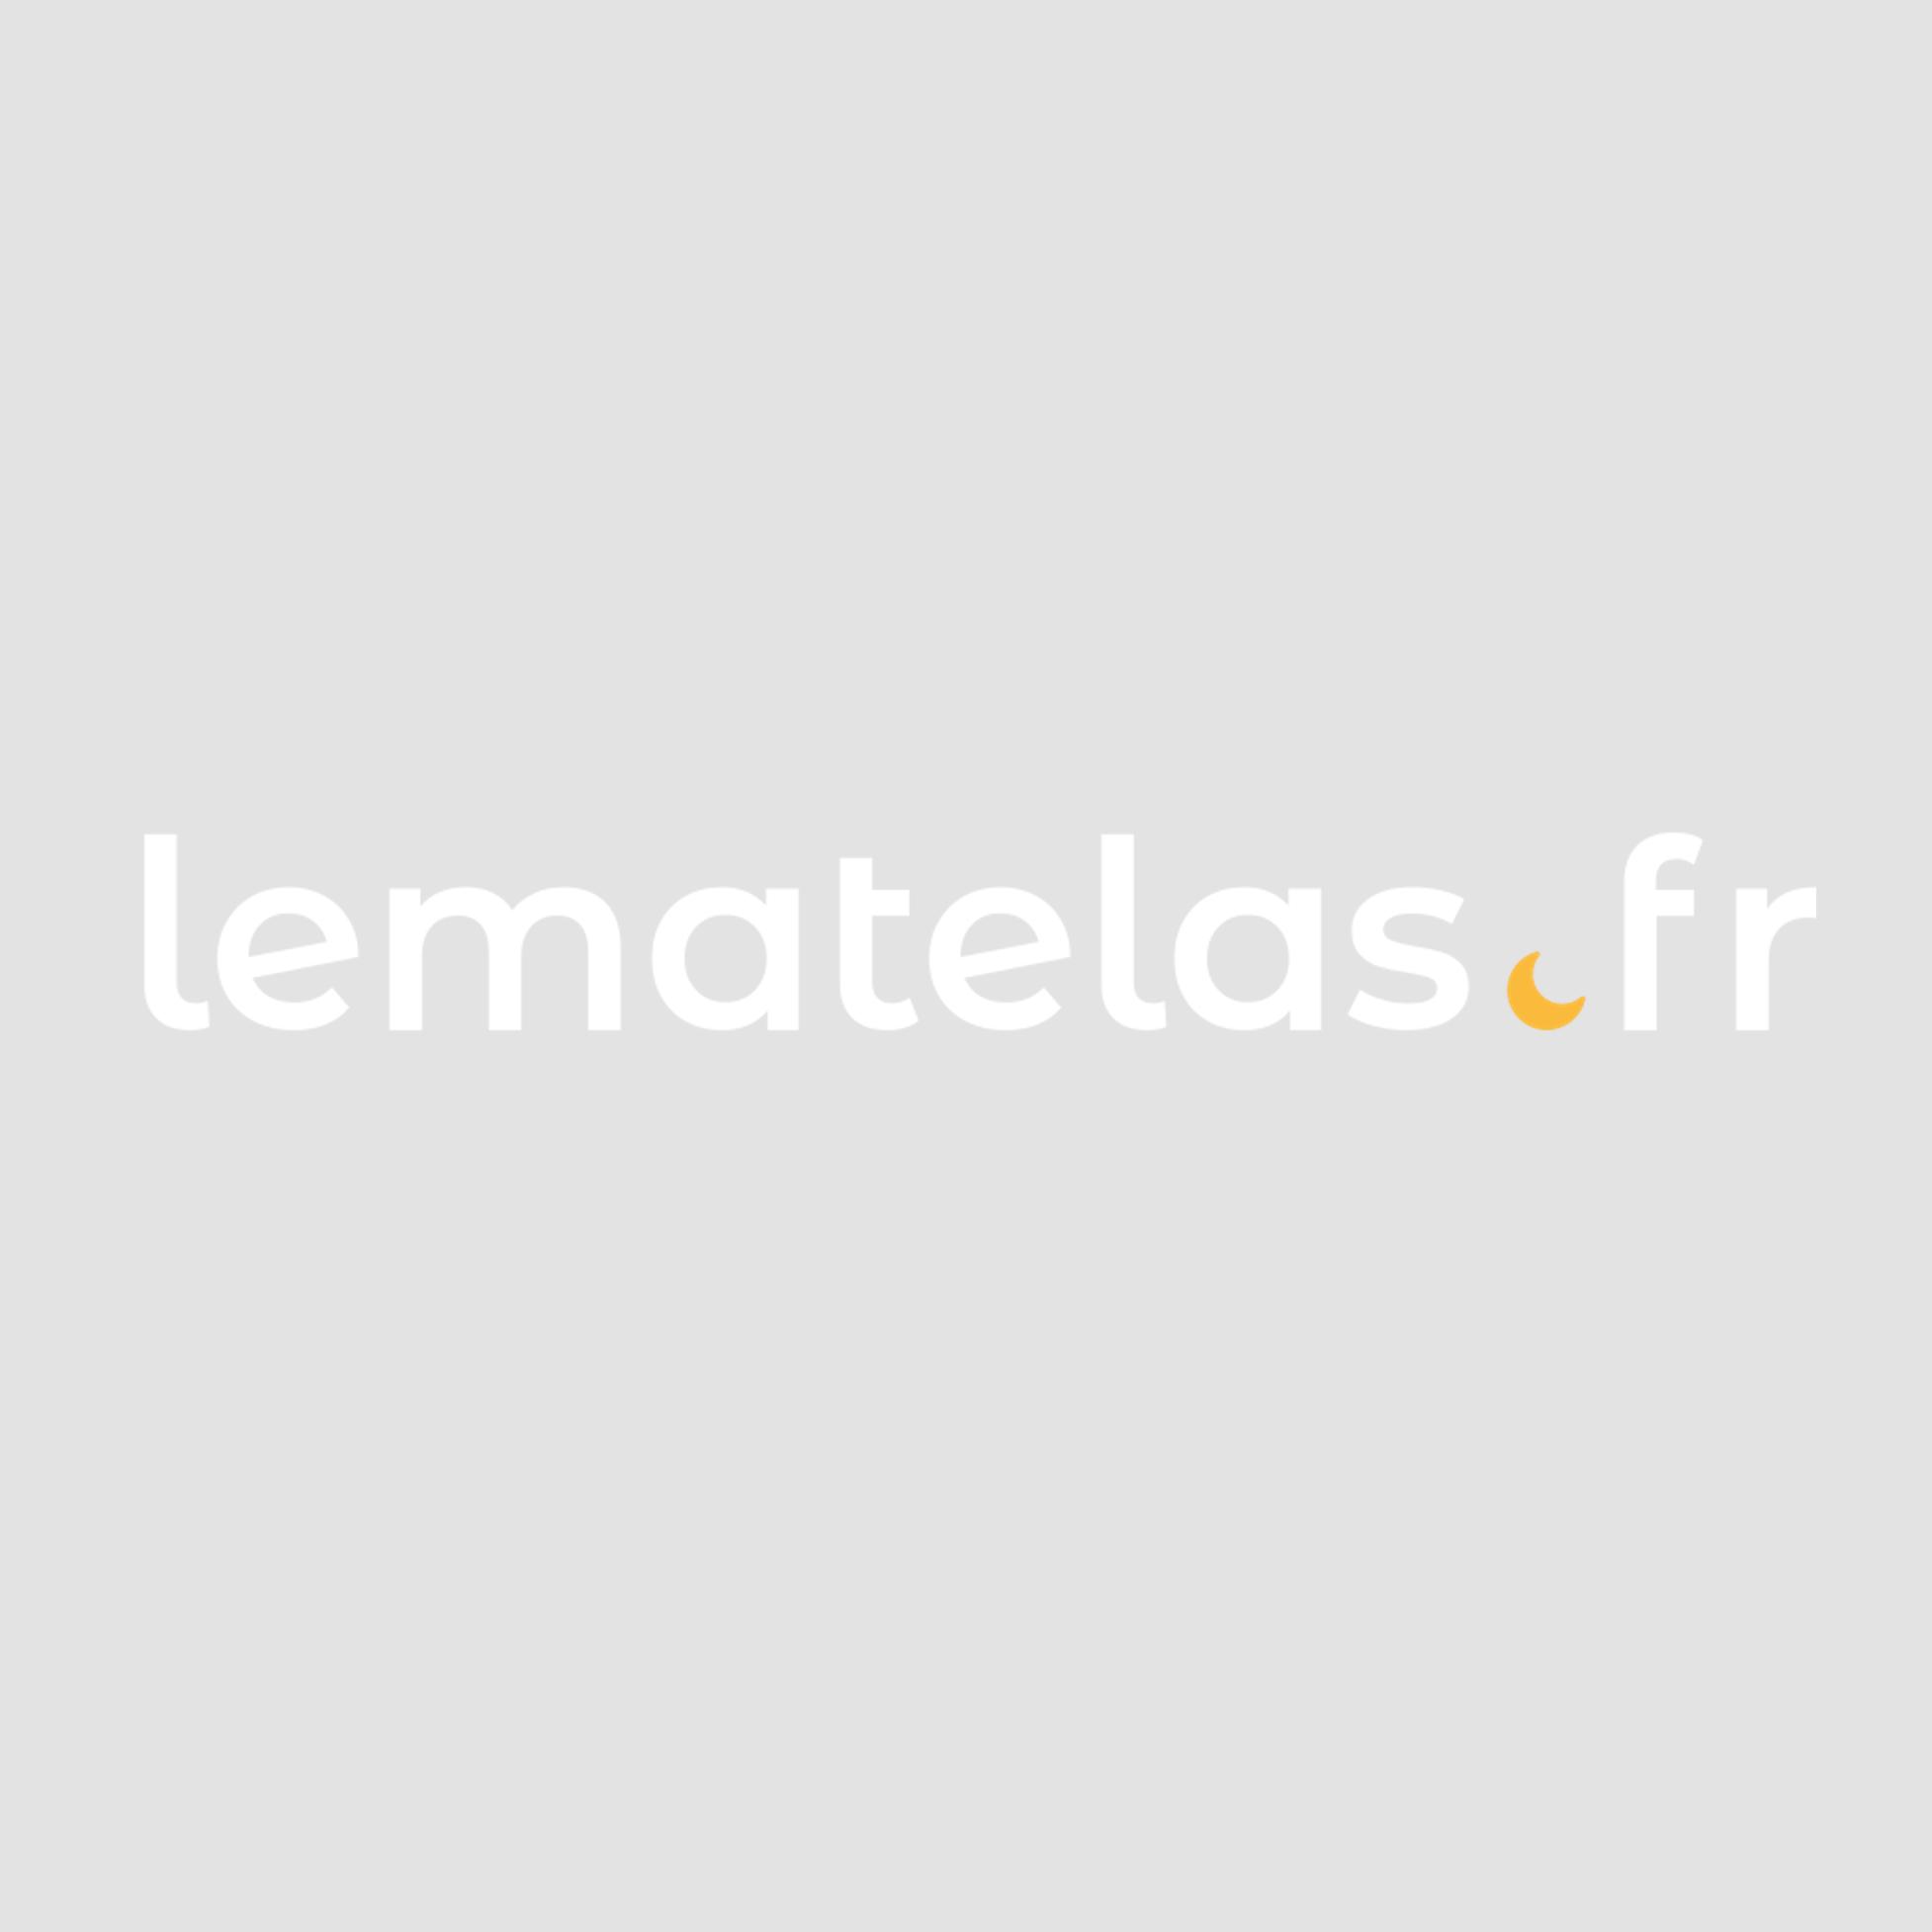 Sommier extra plat tapissier 7 cm Someo 140x200